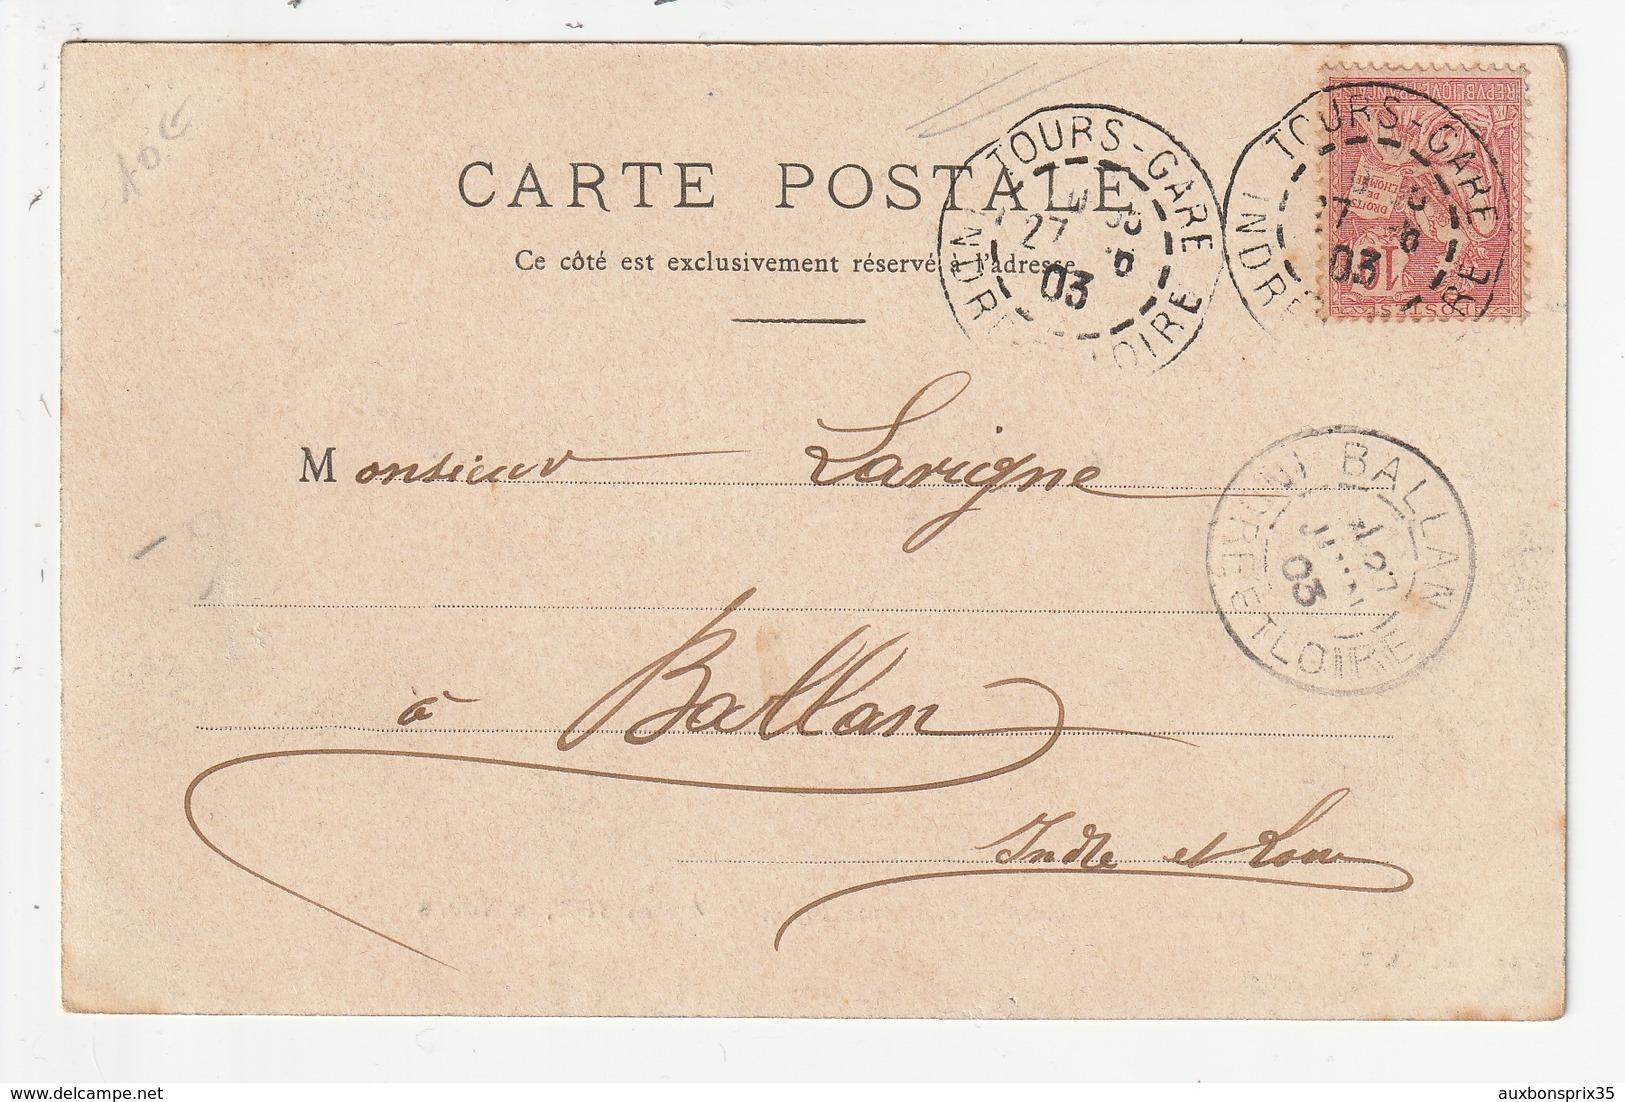 TOURS - LE DEBARQUEMENT DE L'ELEPHANT FRITZ, LE 4 MAI 1902 -37 - Tours